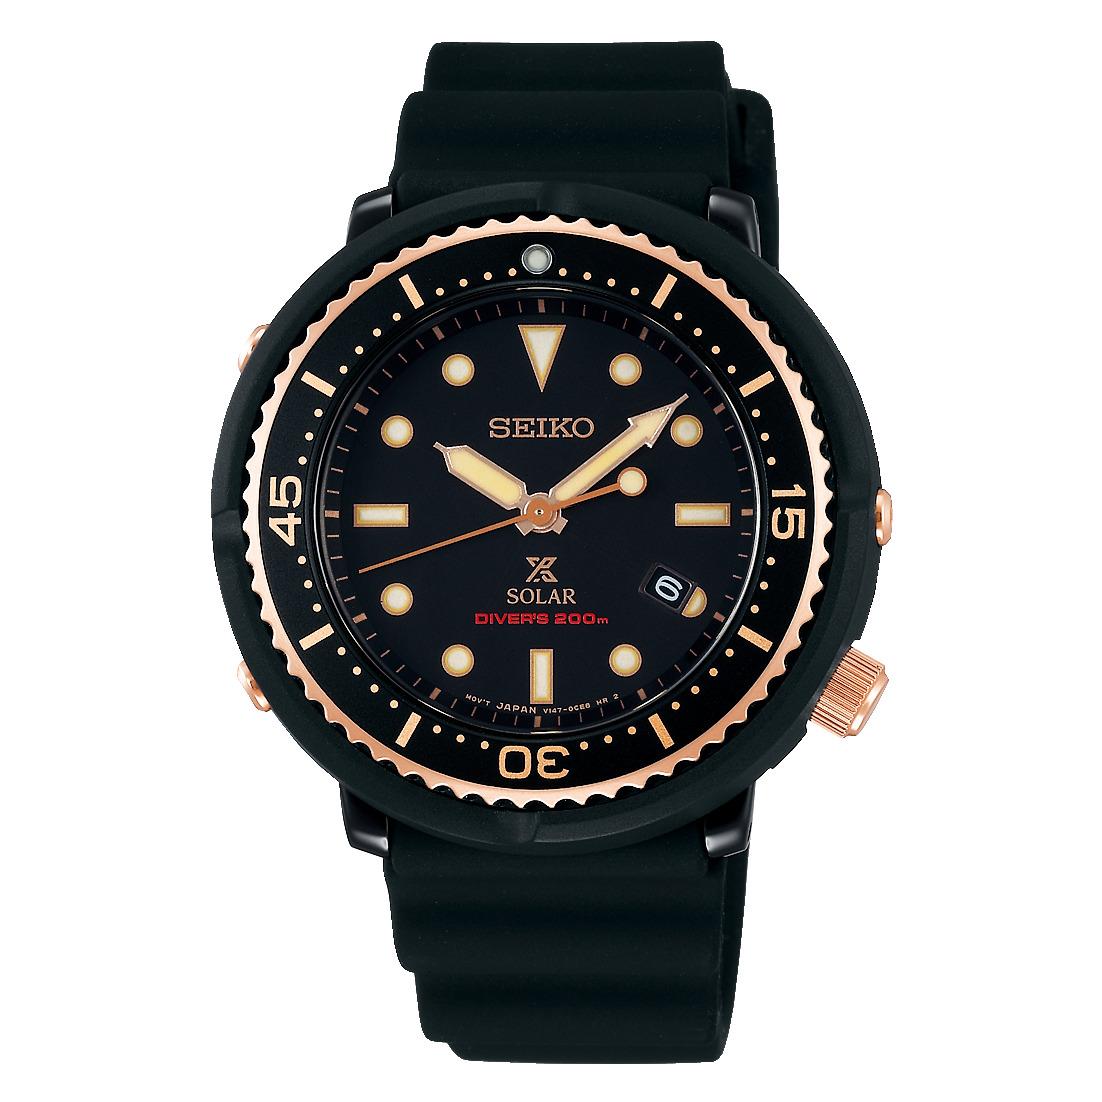 正規品 SEIKO PROSPEX セイコー プロスペックス STBR039 LOWERCASEプロデュース 2019 限定モデル 限定1200本 腕時計